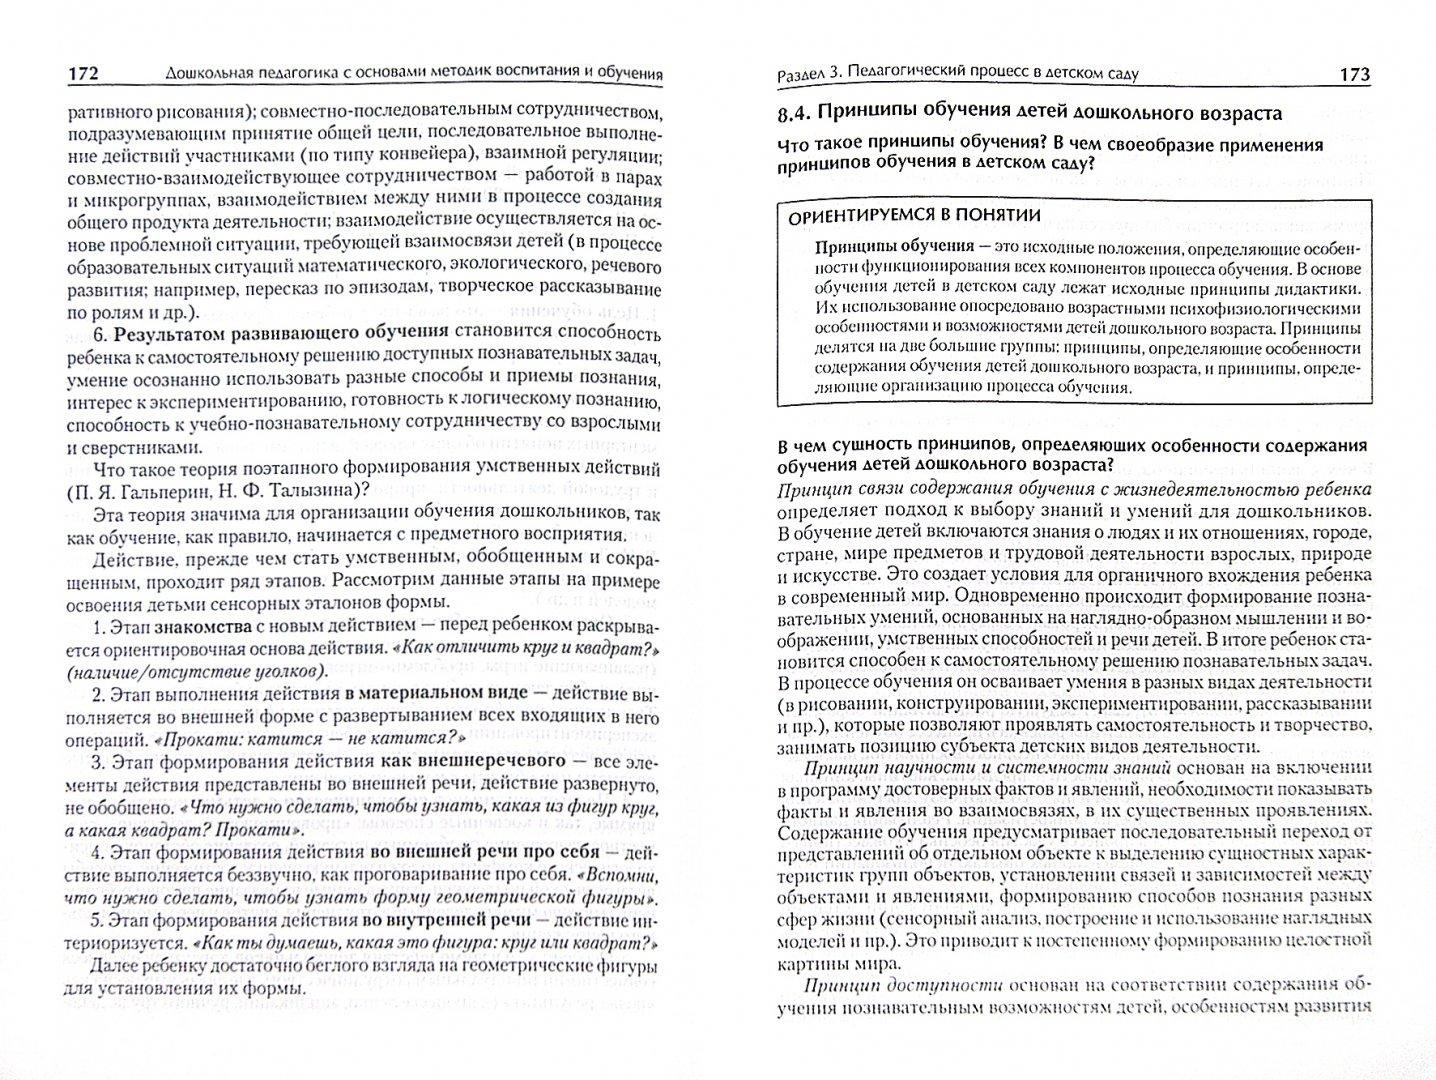 Иллюстрация 1 из 40 для Дошкольная педагогика с основами методик воспитания и обучения. Учебник для ВУЗов | Лабиринт - книги. Источник: Лабиринт